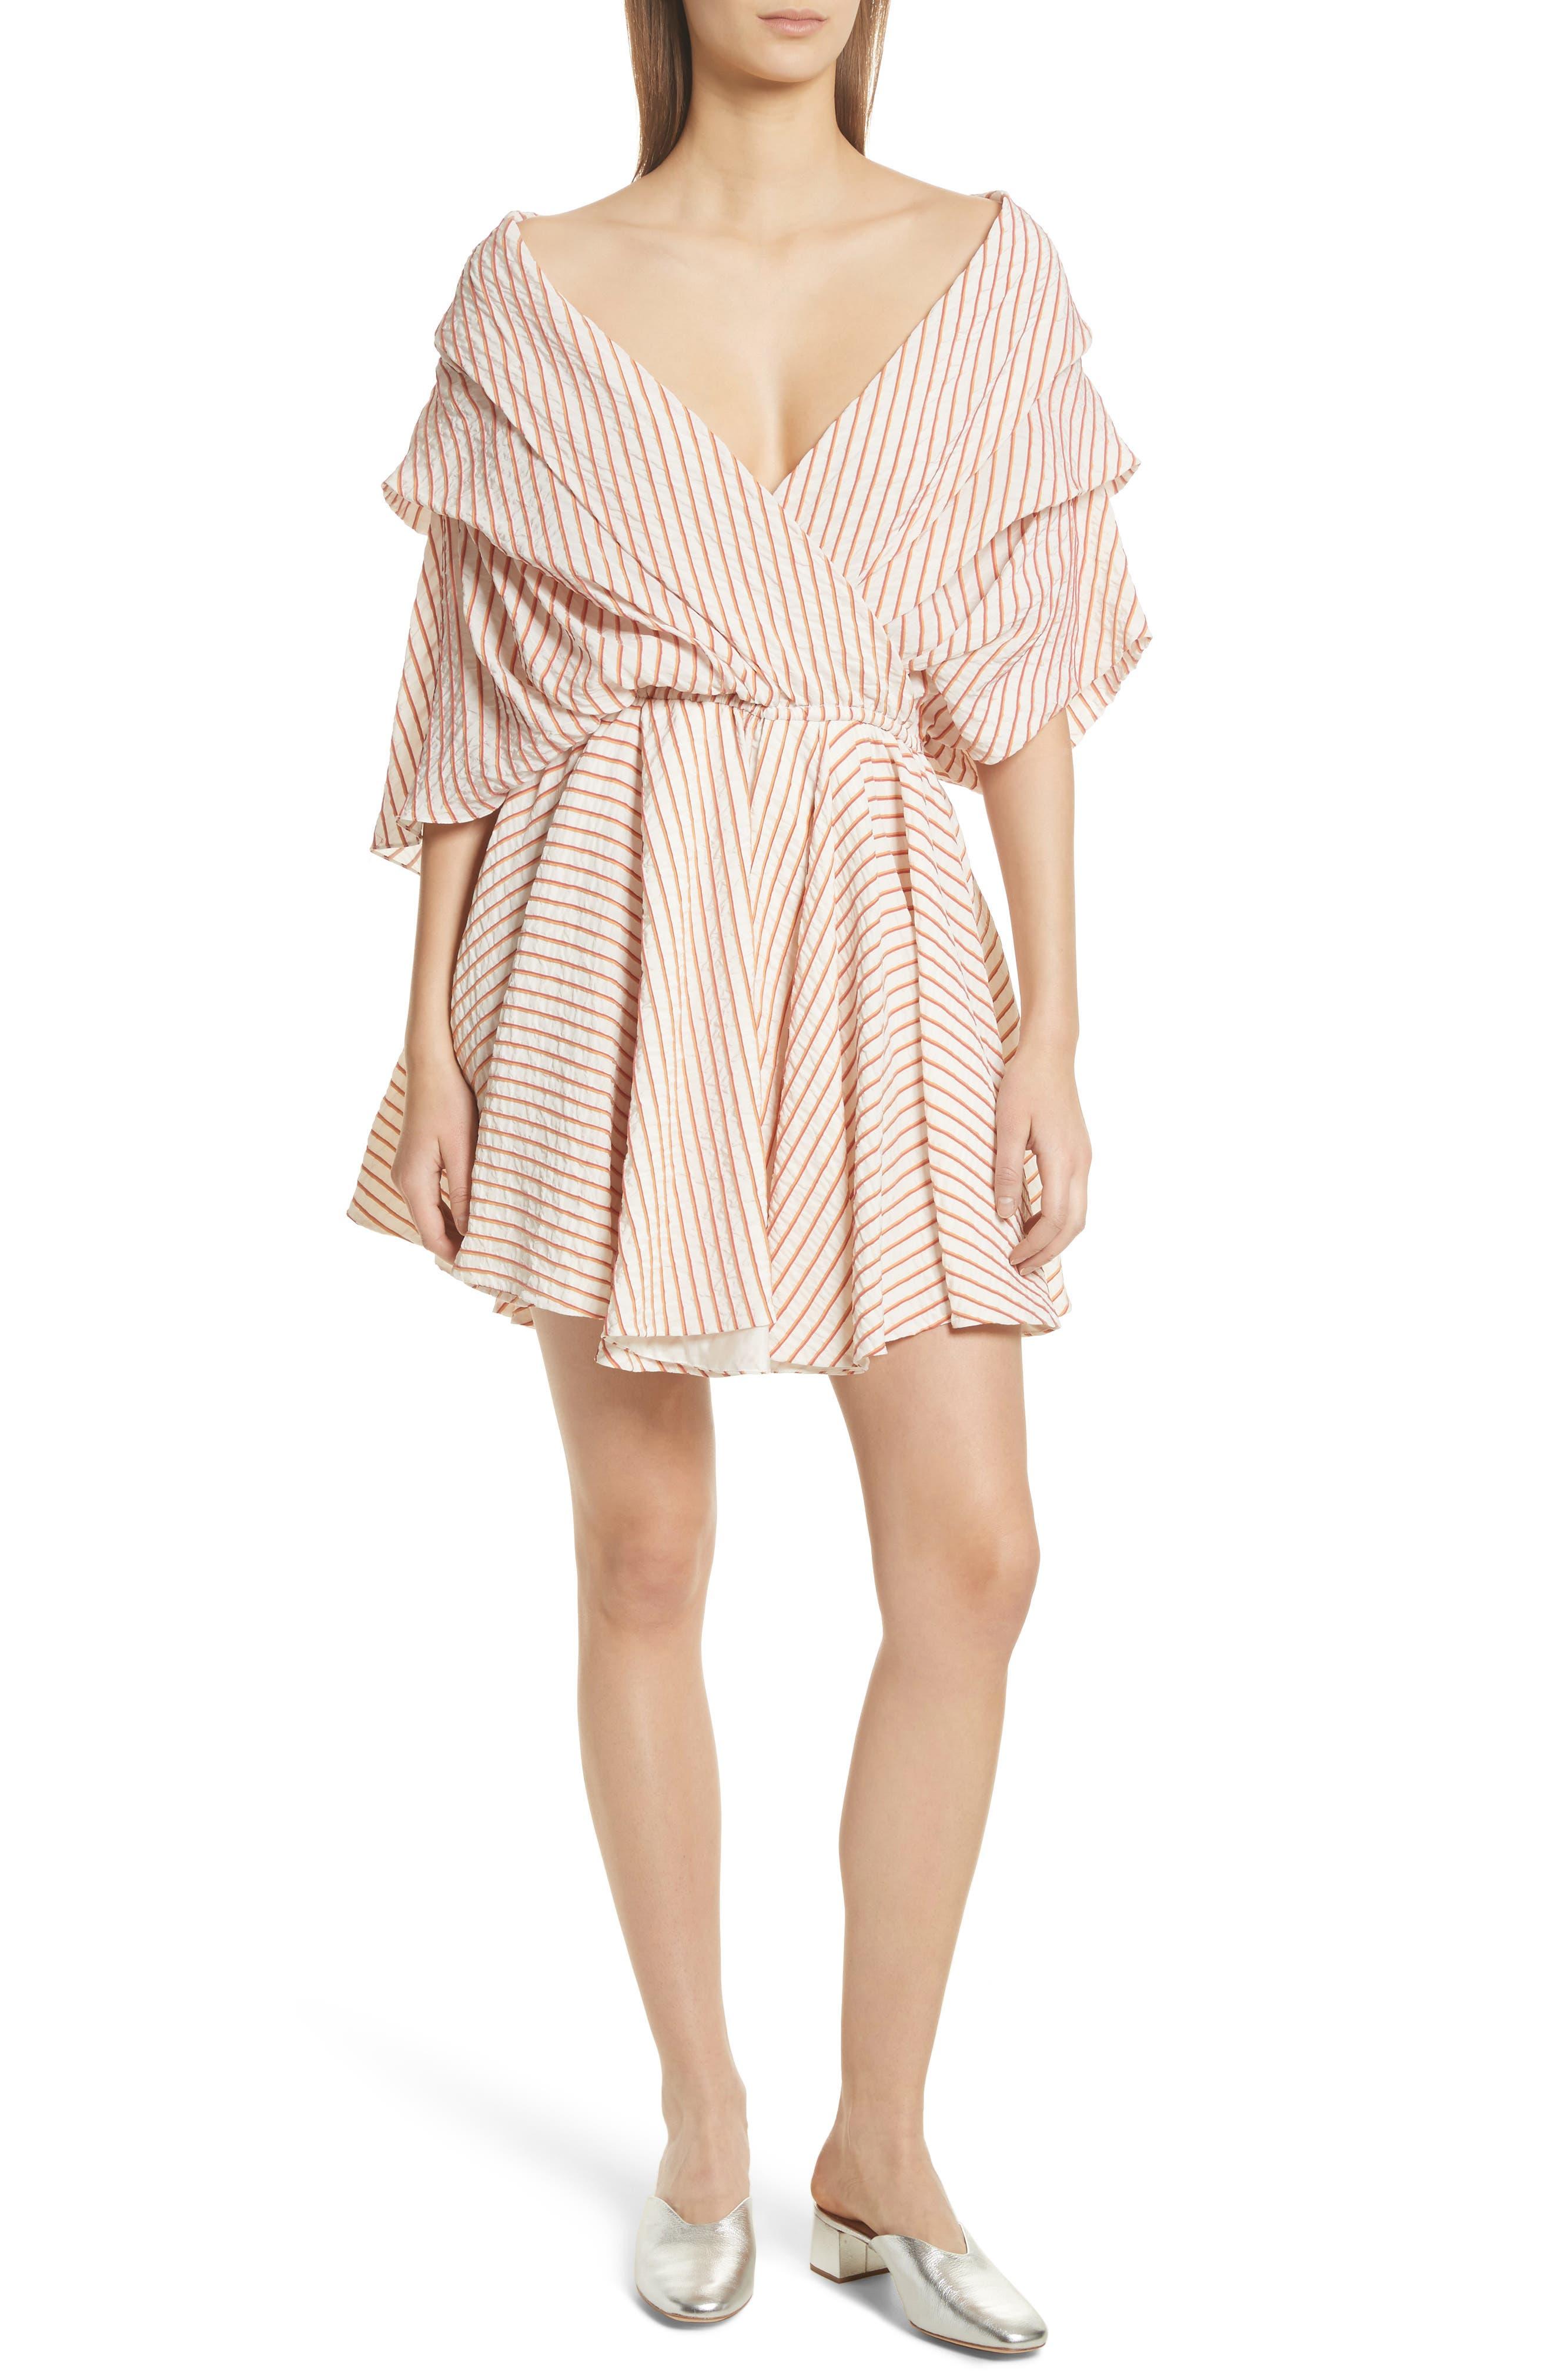 CAROLINE CONSTAS Marcella Stripe Dress, Main, color, 800